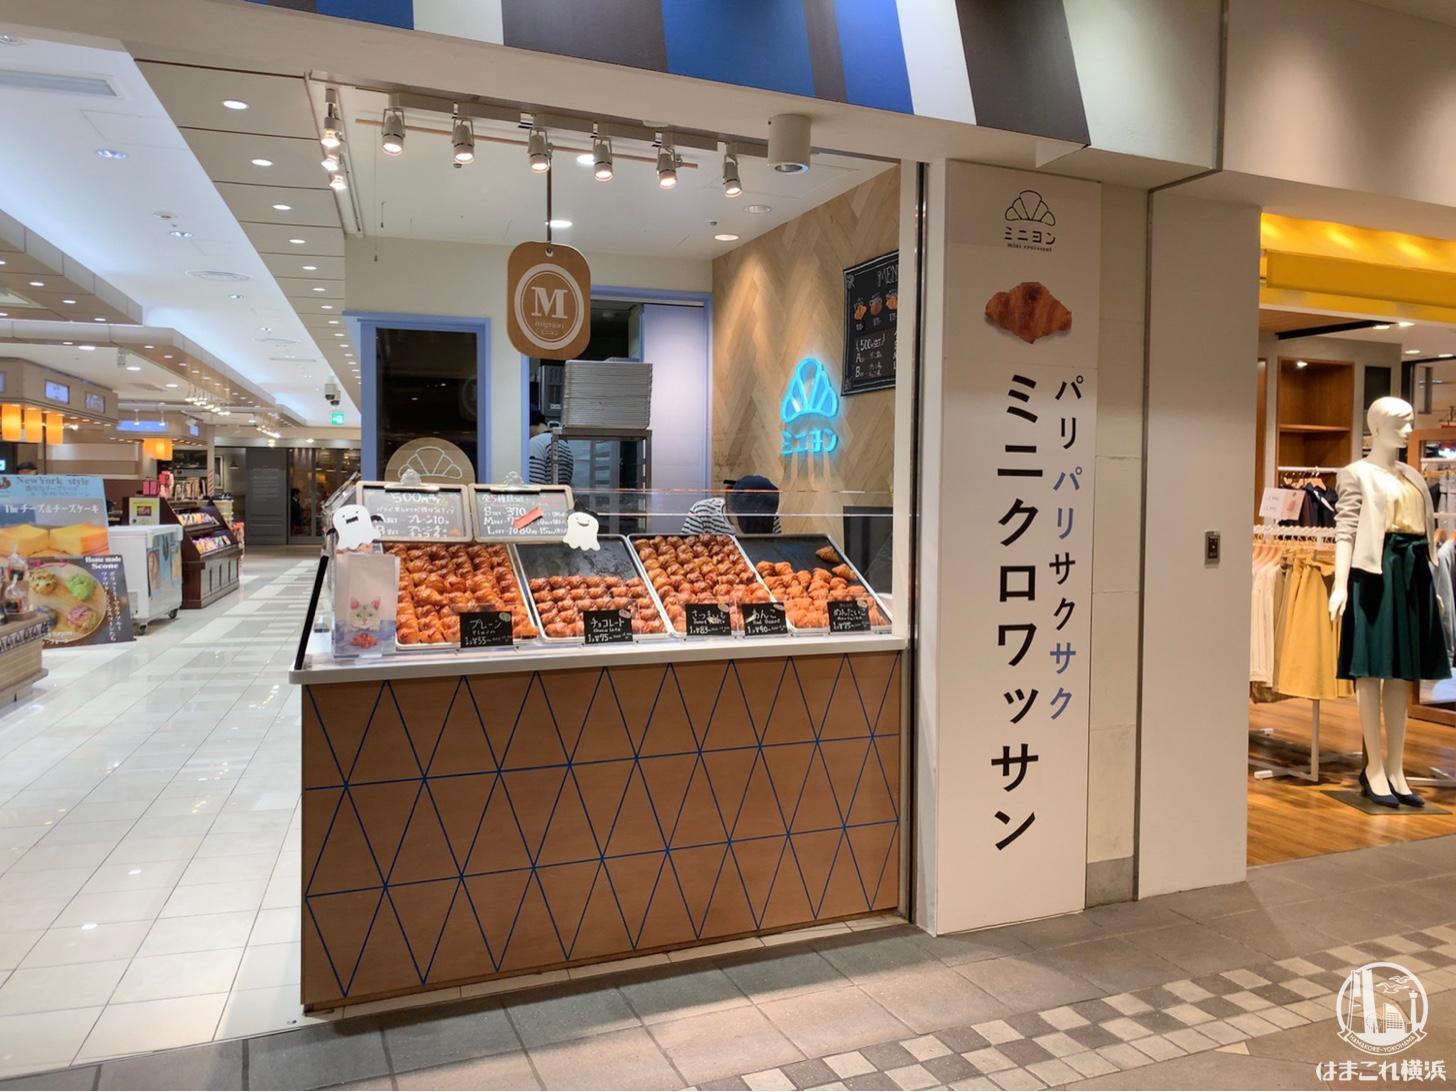 ミニヨン 横浜ポルタ店 外観